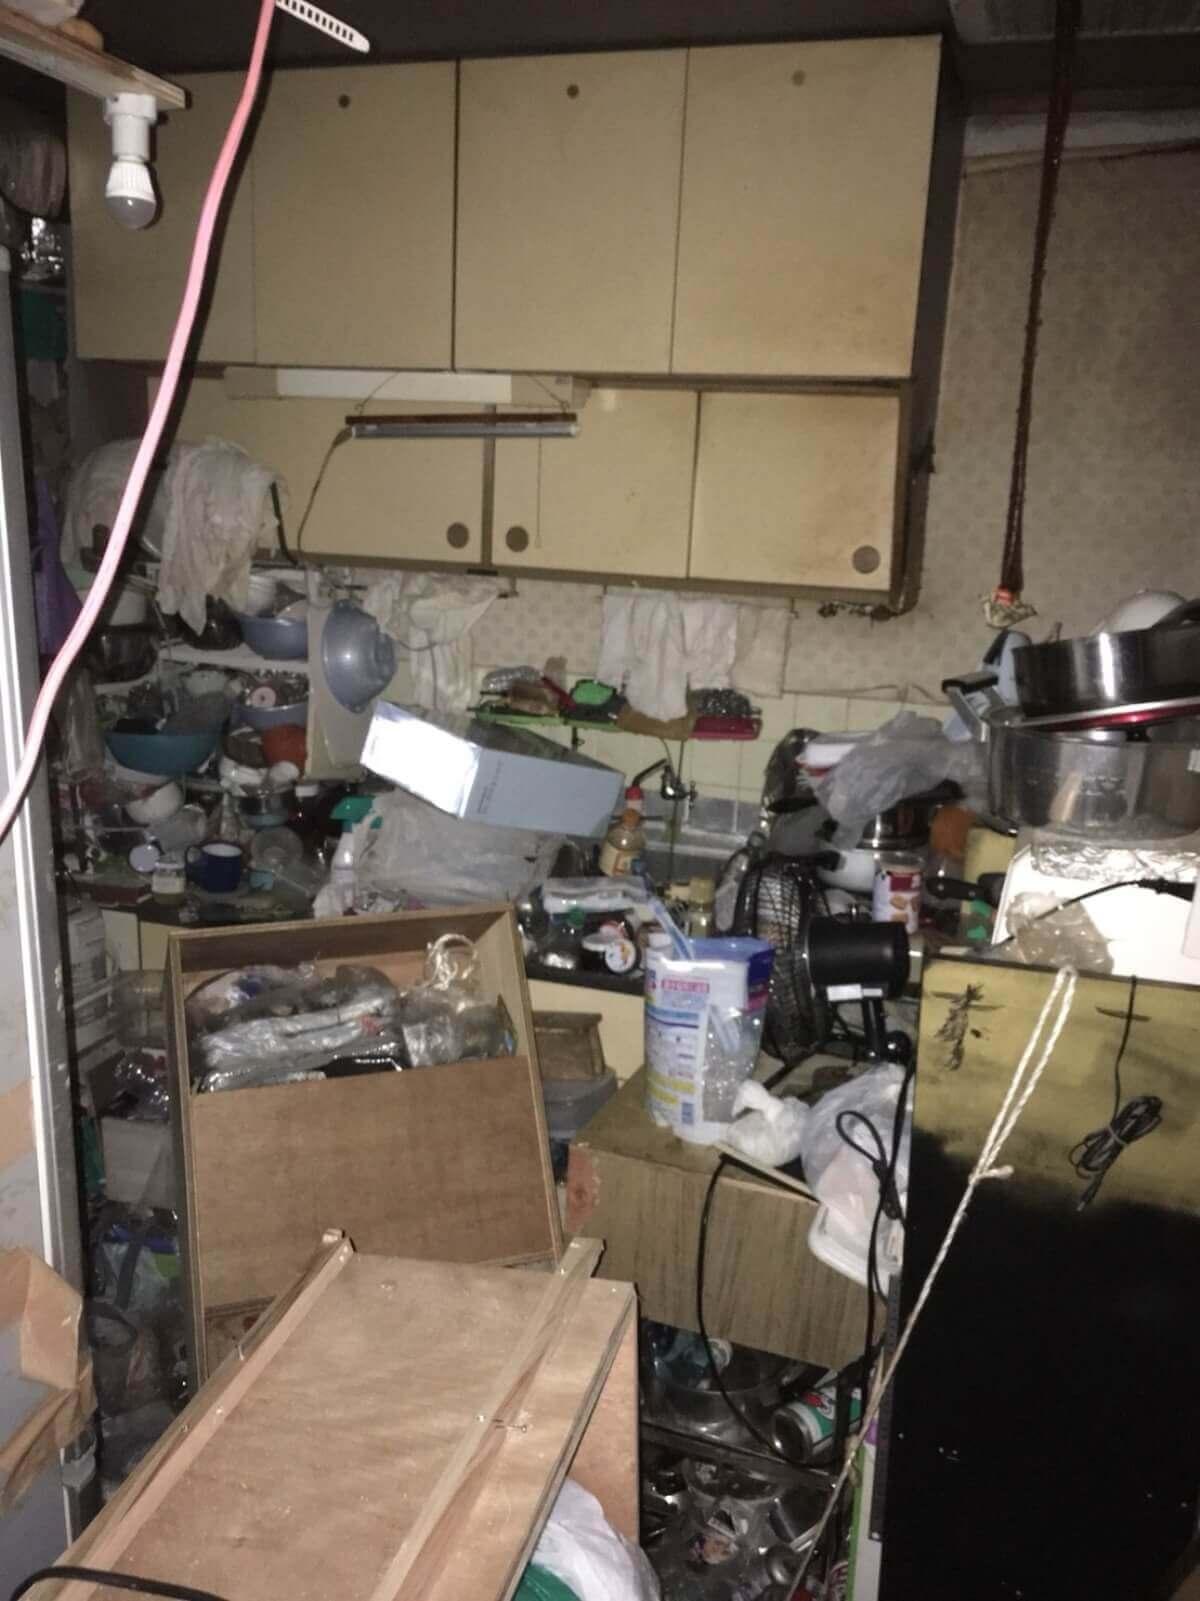 埼玉県草加市のゴミ屋敷に対する条例(通称:草加市家屋及び土地の適正管理に関する条例)の内容とは